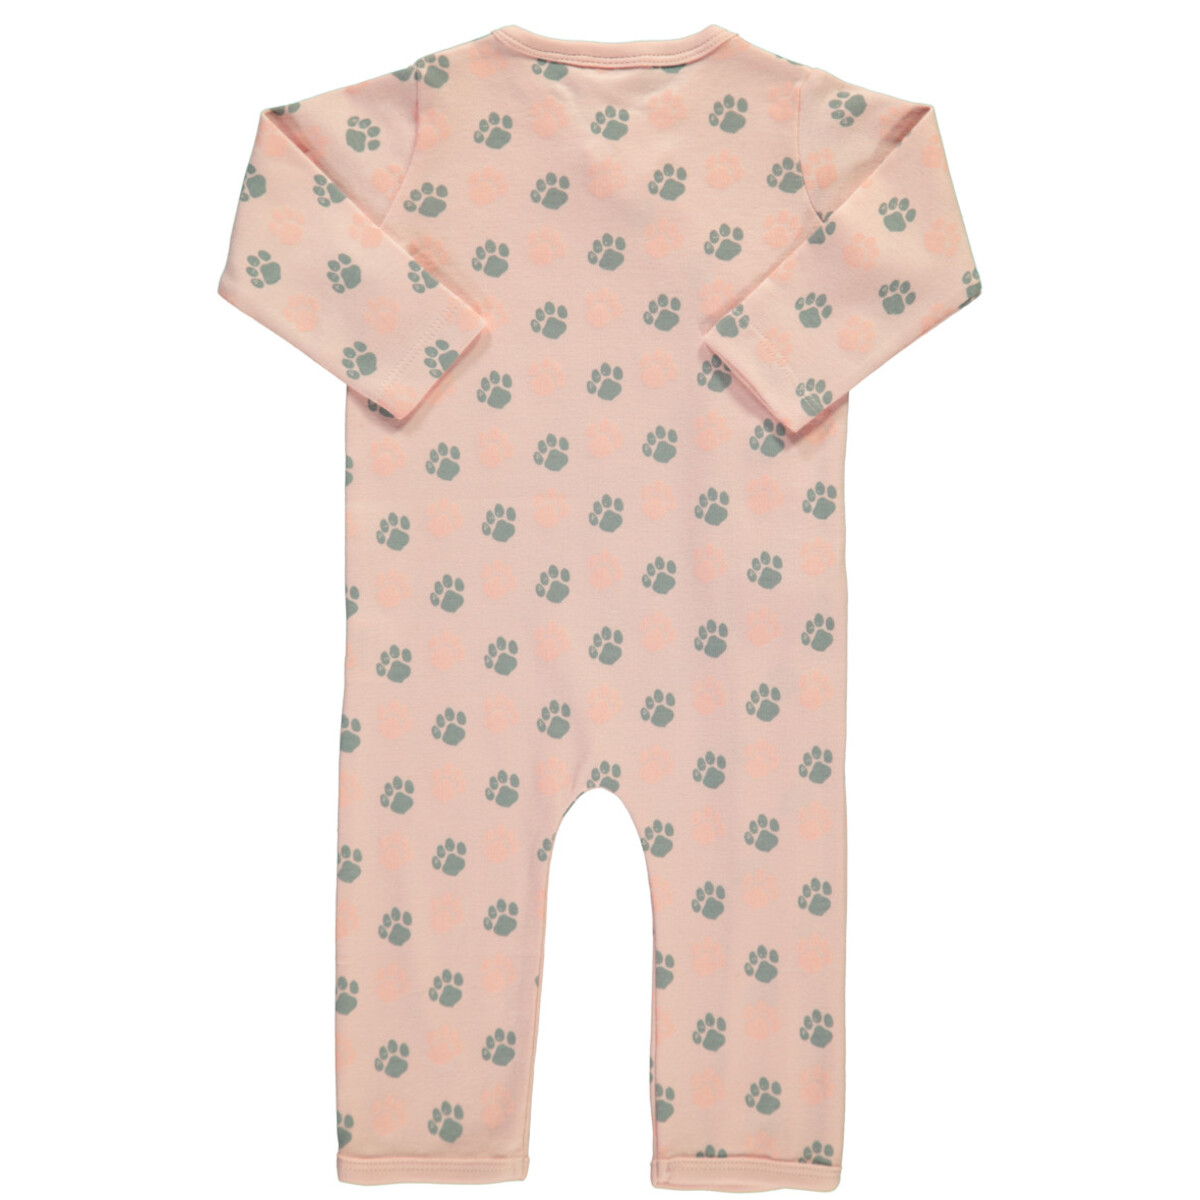 Bild 2 von Baby Mädchen Pyjama mit Tatzenprint